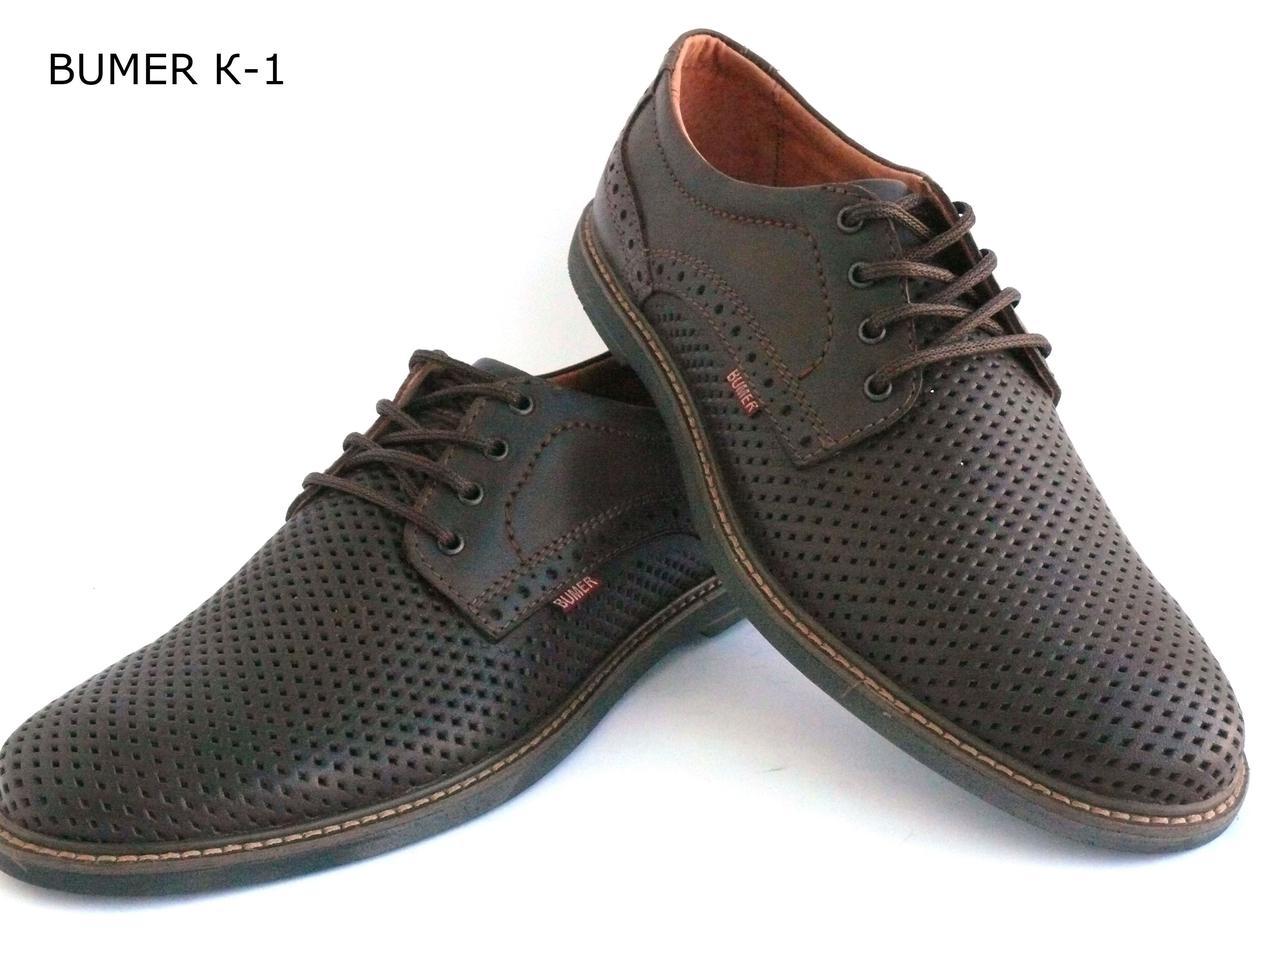 Мужские туфли с натуральной кожи коричневые BUMER р. 40 41 42 43 44 ... 0a6acce7662